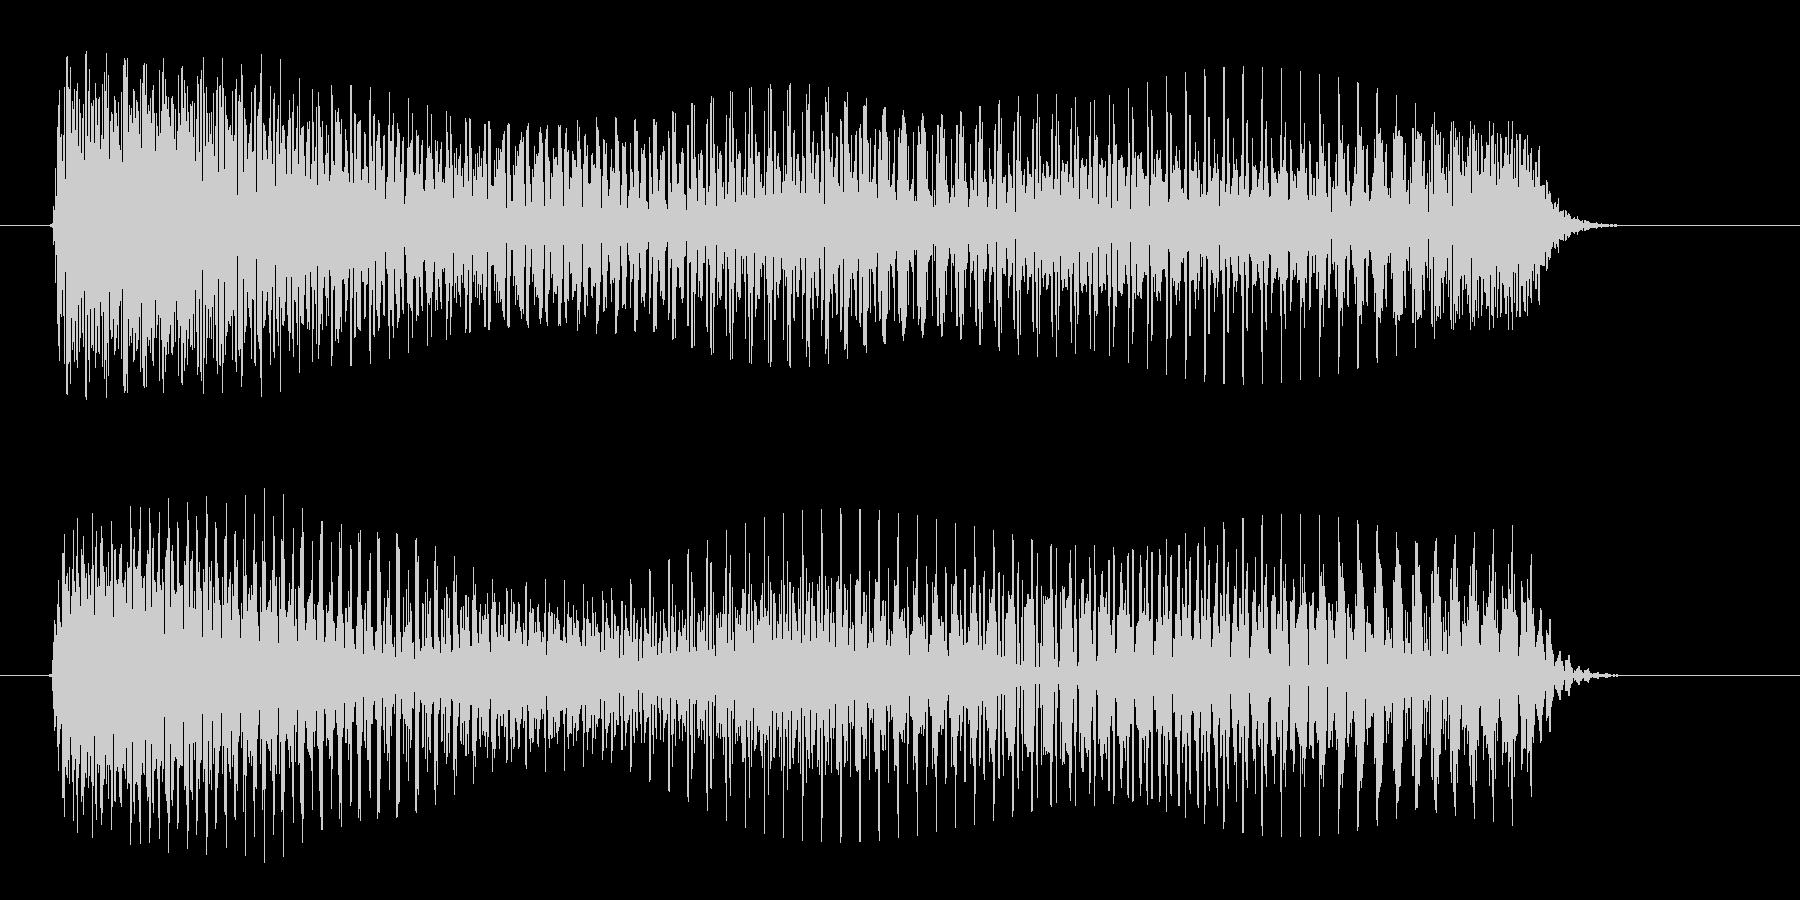 ドゥワンーの未再生の波形